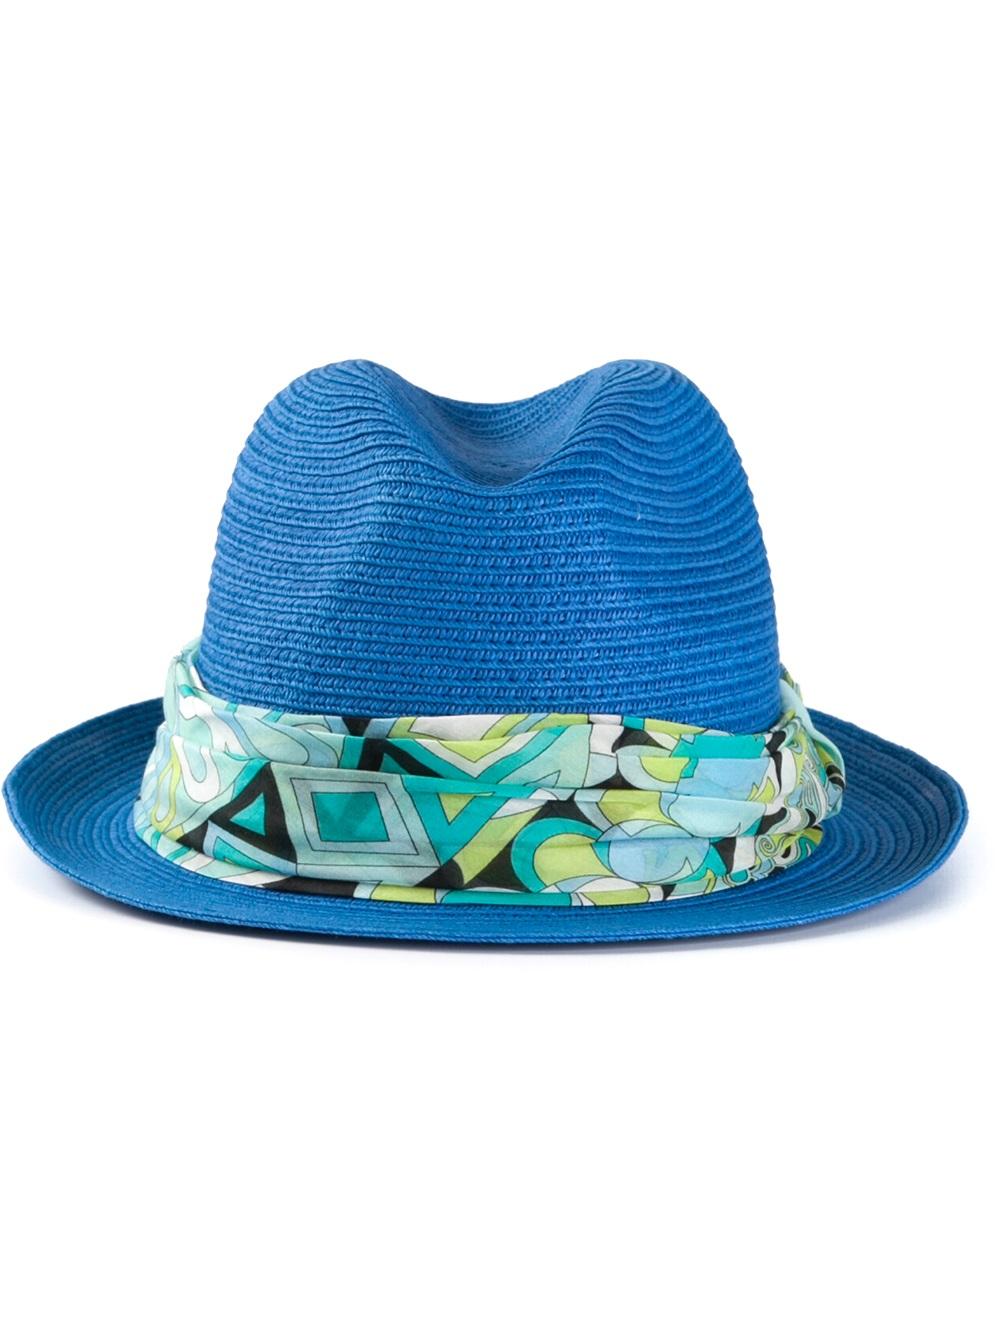 d17312b7533 Lyst - Emilio Pucci Panama Hat in Blue